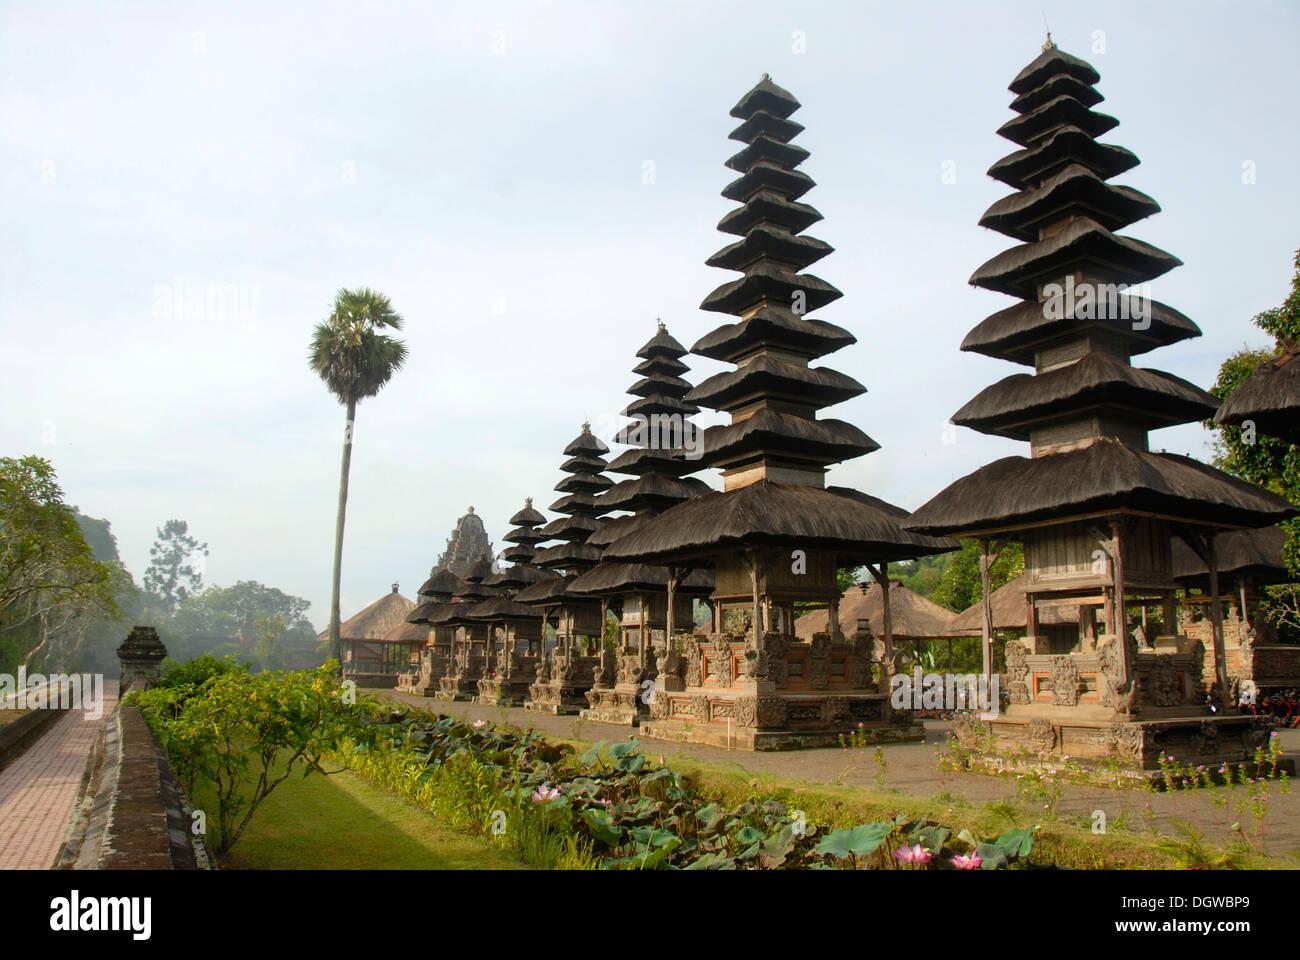 L'hindouisme de Bali, grand, mince, pagodes balinais Pura Taman Ayun Temple, Temple de l'eau, Mengwi, Bali, Indonésie, Asie du Sud, Asie Photo Stock